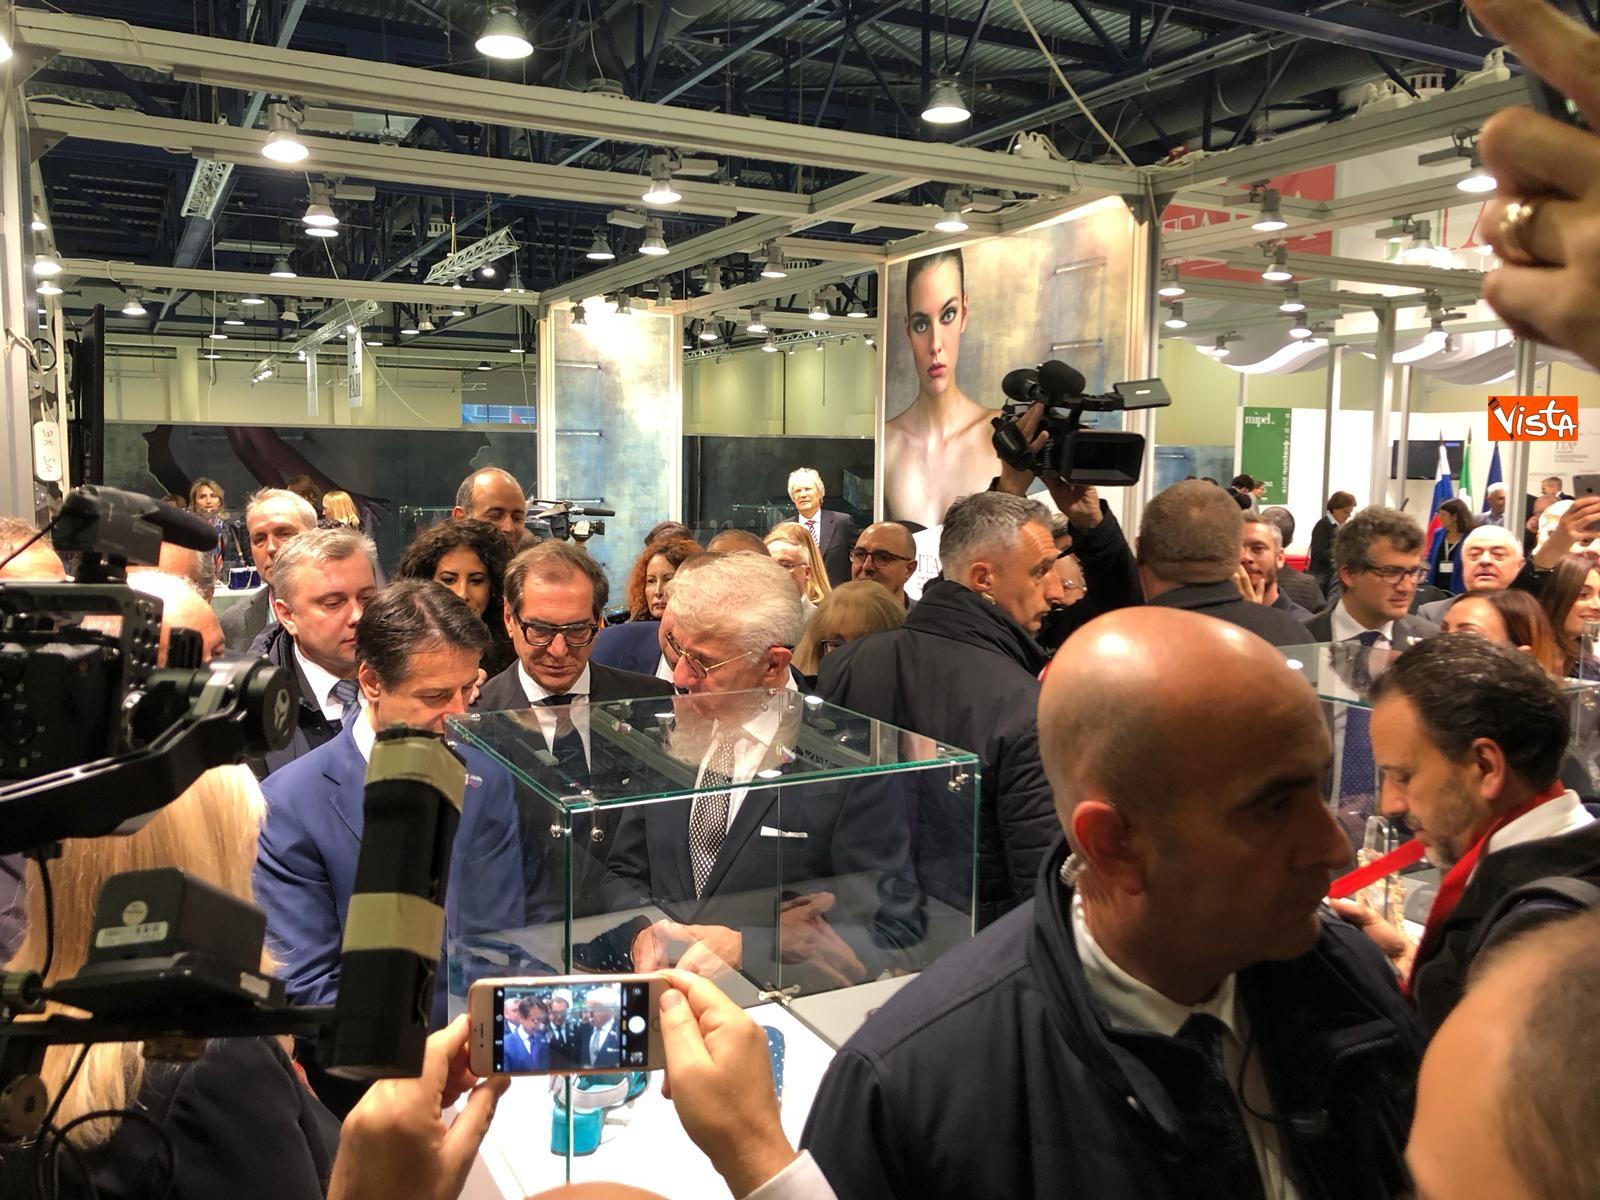 24-10-18 Conte all'Expocenter di Mosca con gli imprenditori italiani 3